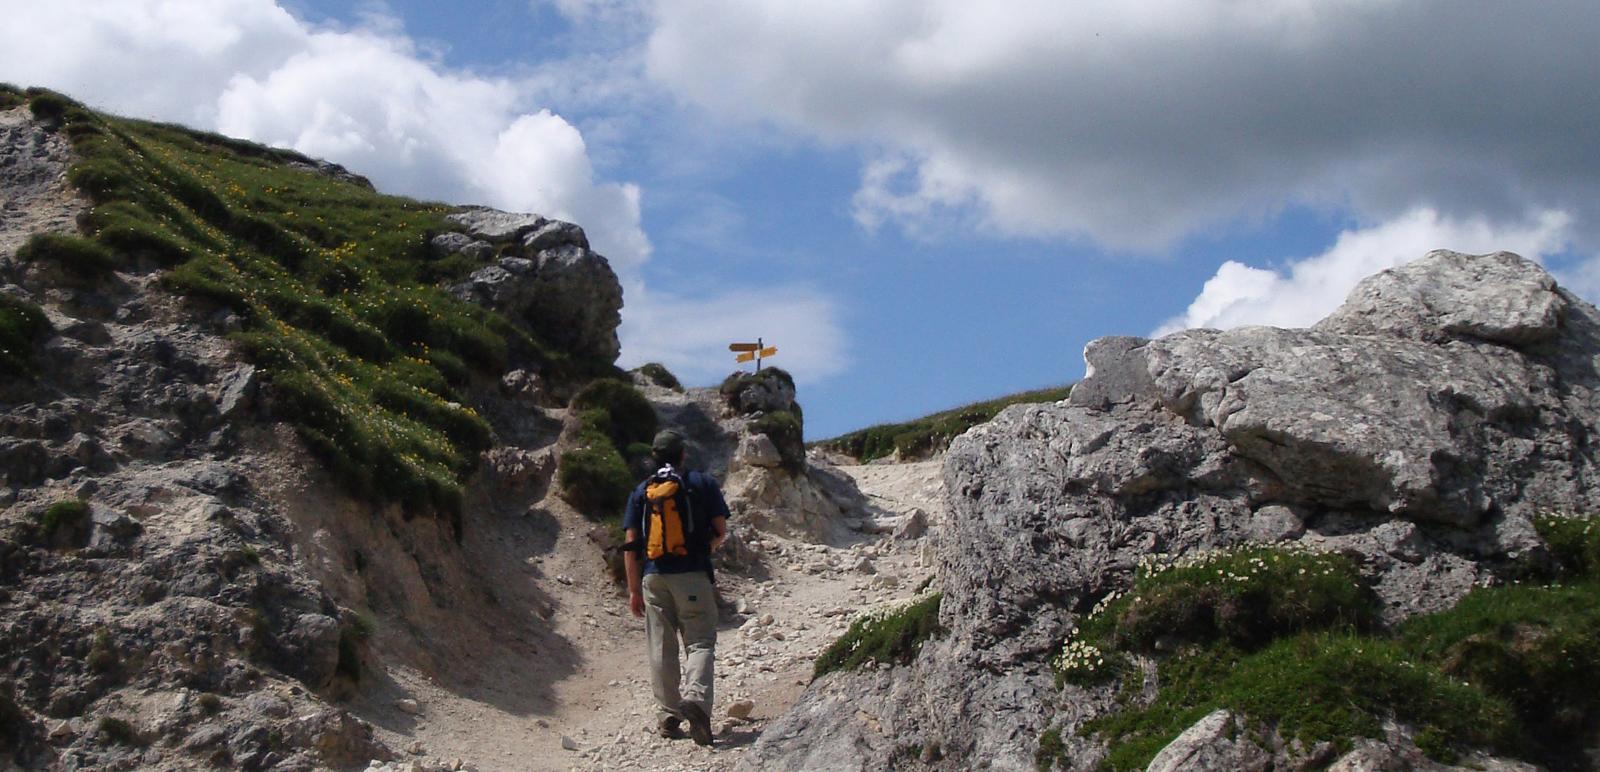 Ein Wanderer auf einer Bergwanderung im Tessin